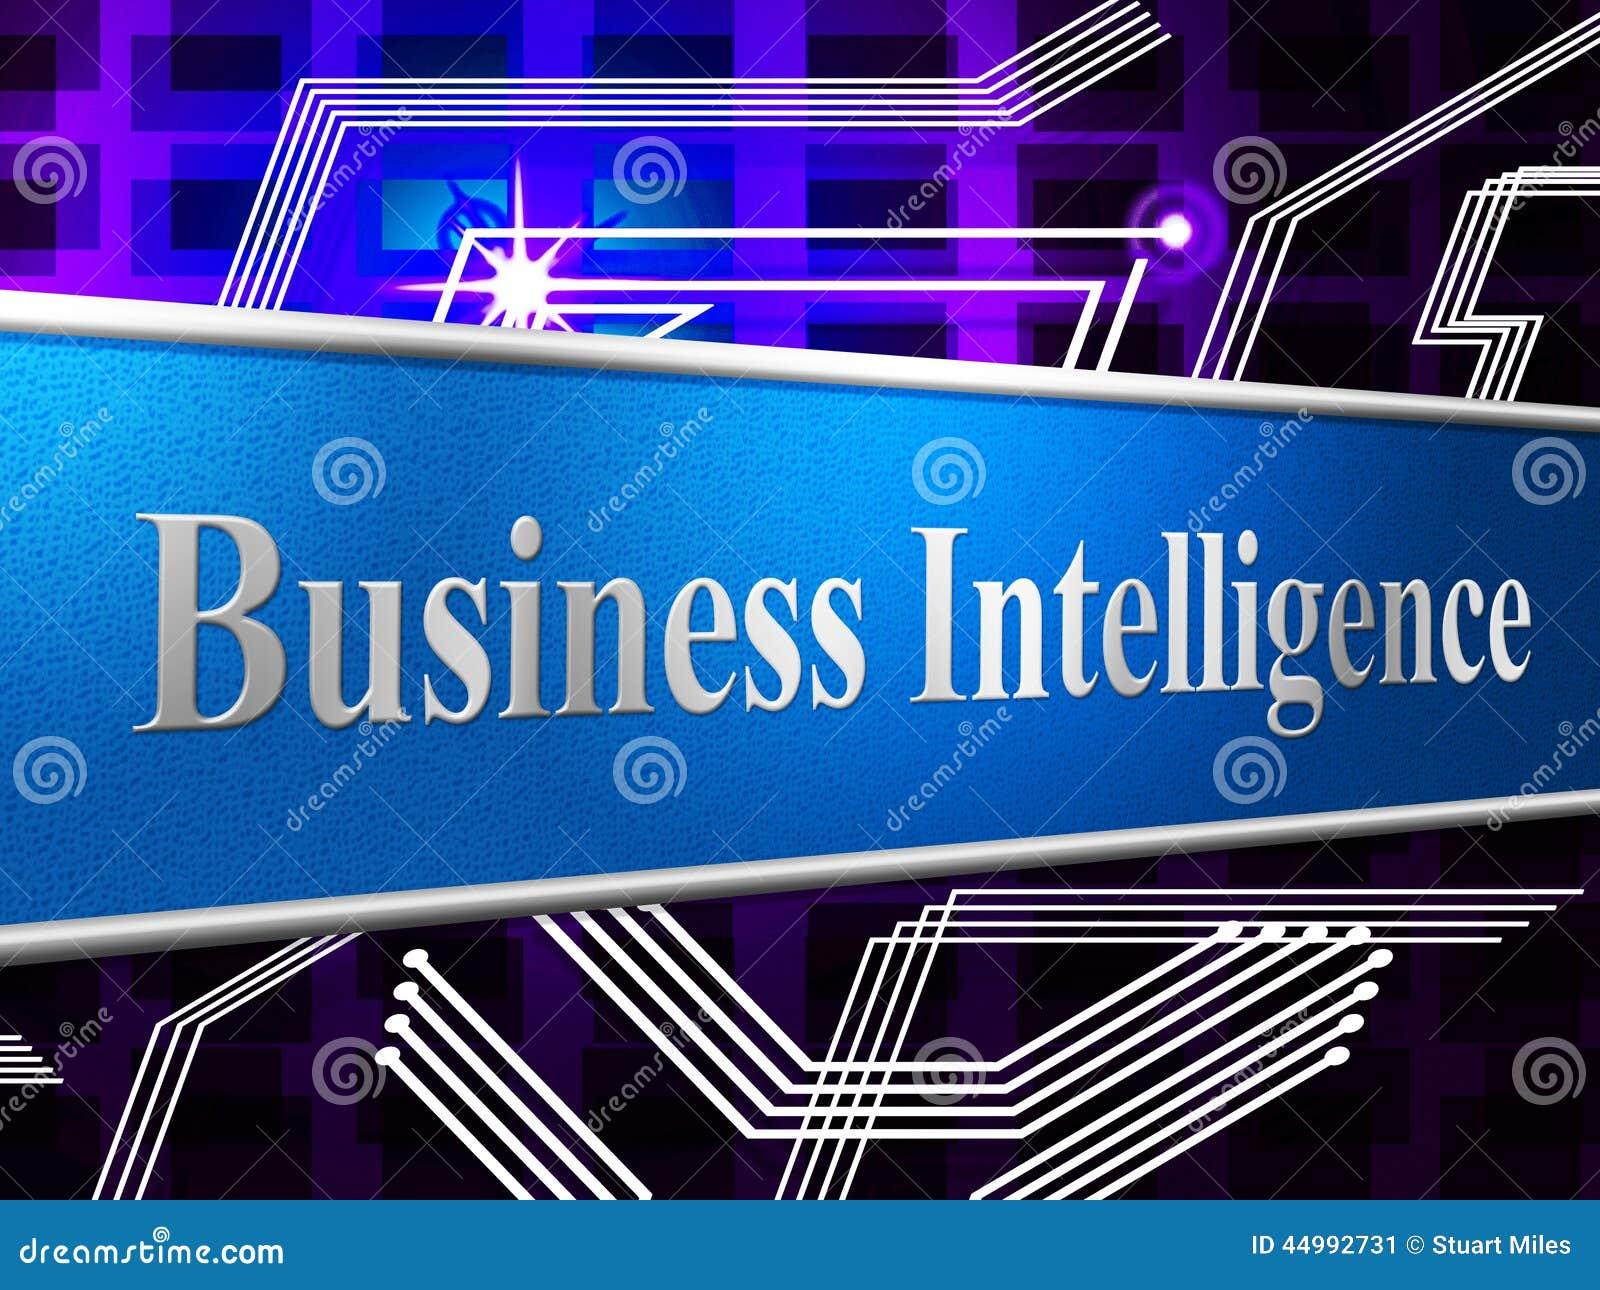 A inteligência empresarial representa a capacidade e a capacidade intelectuais